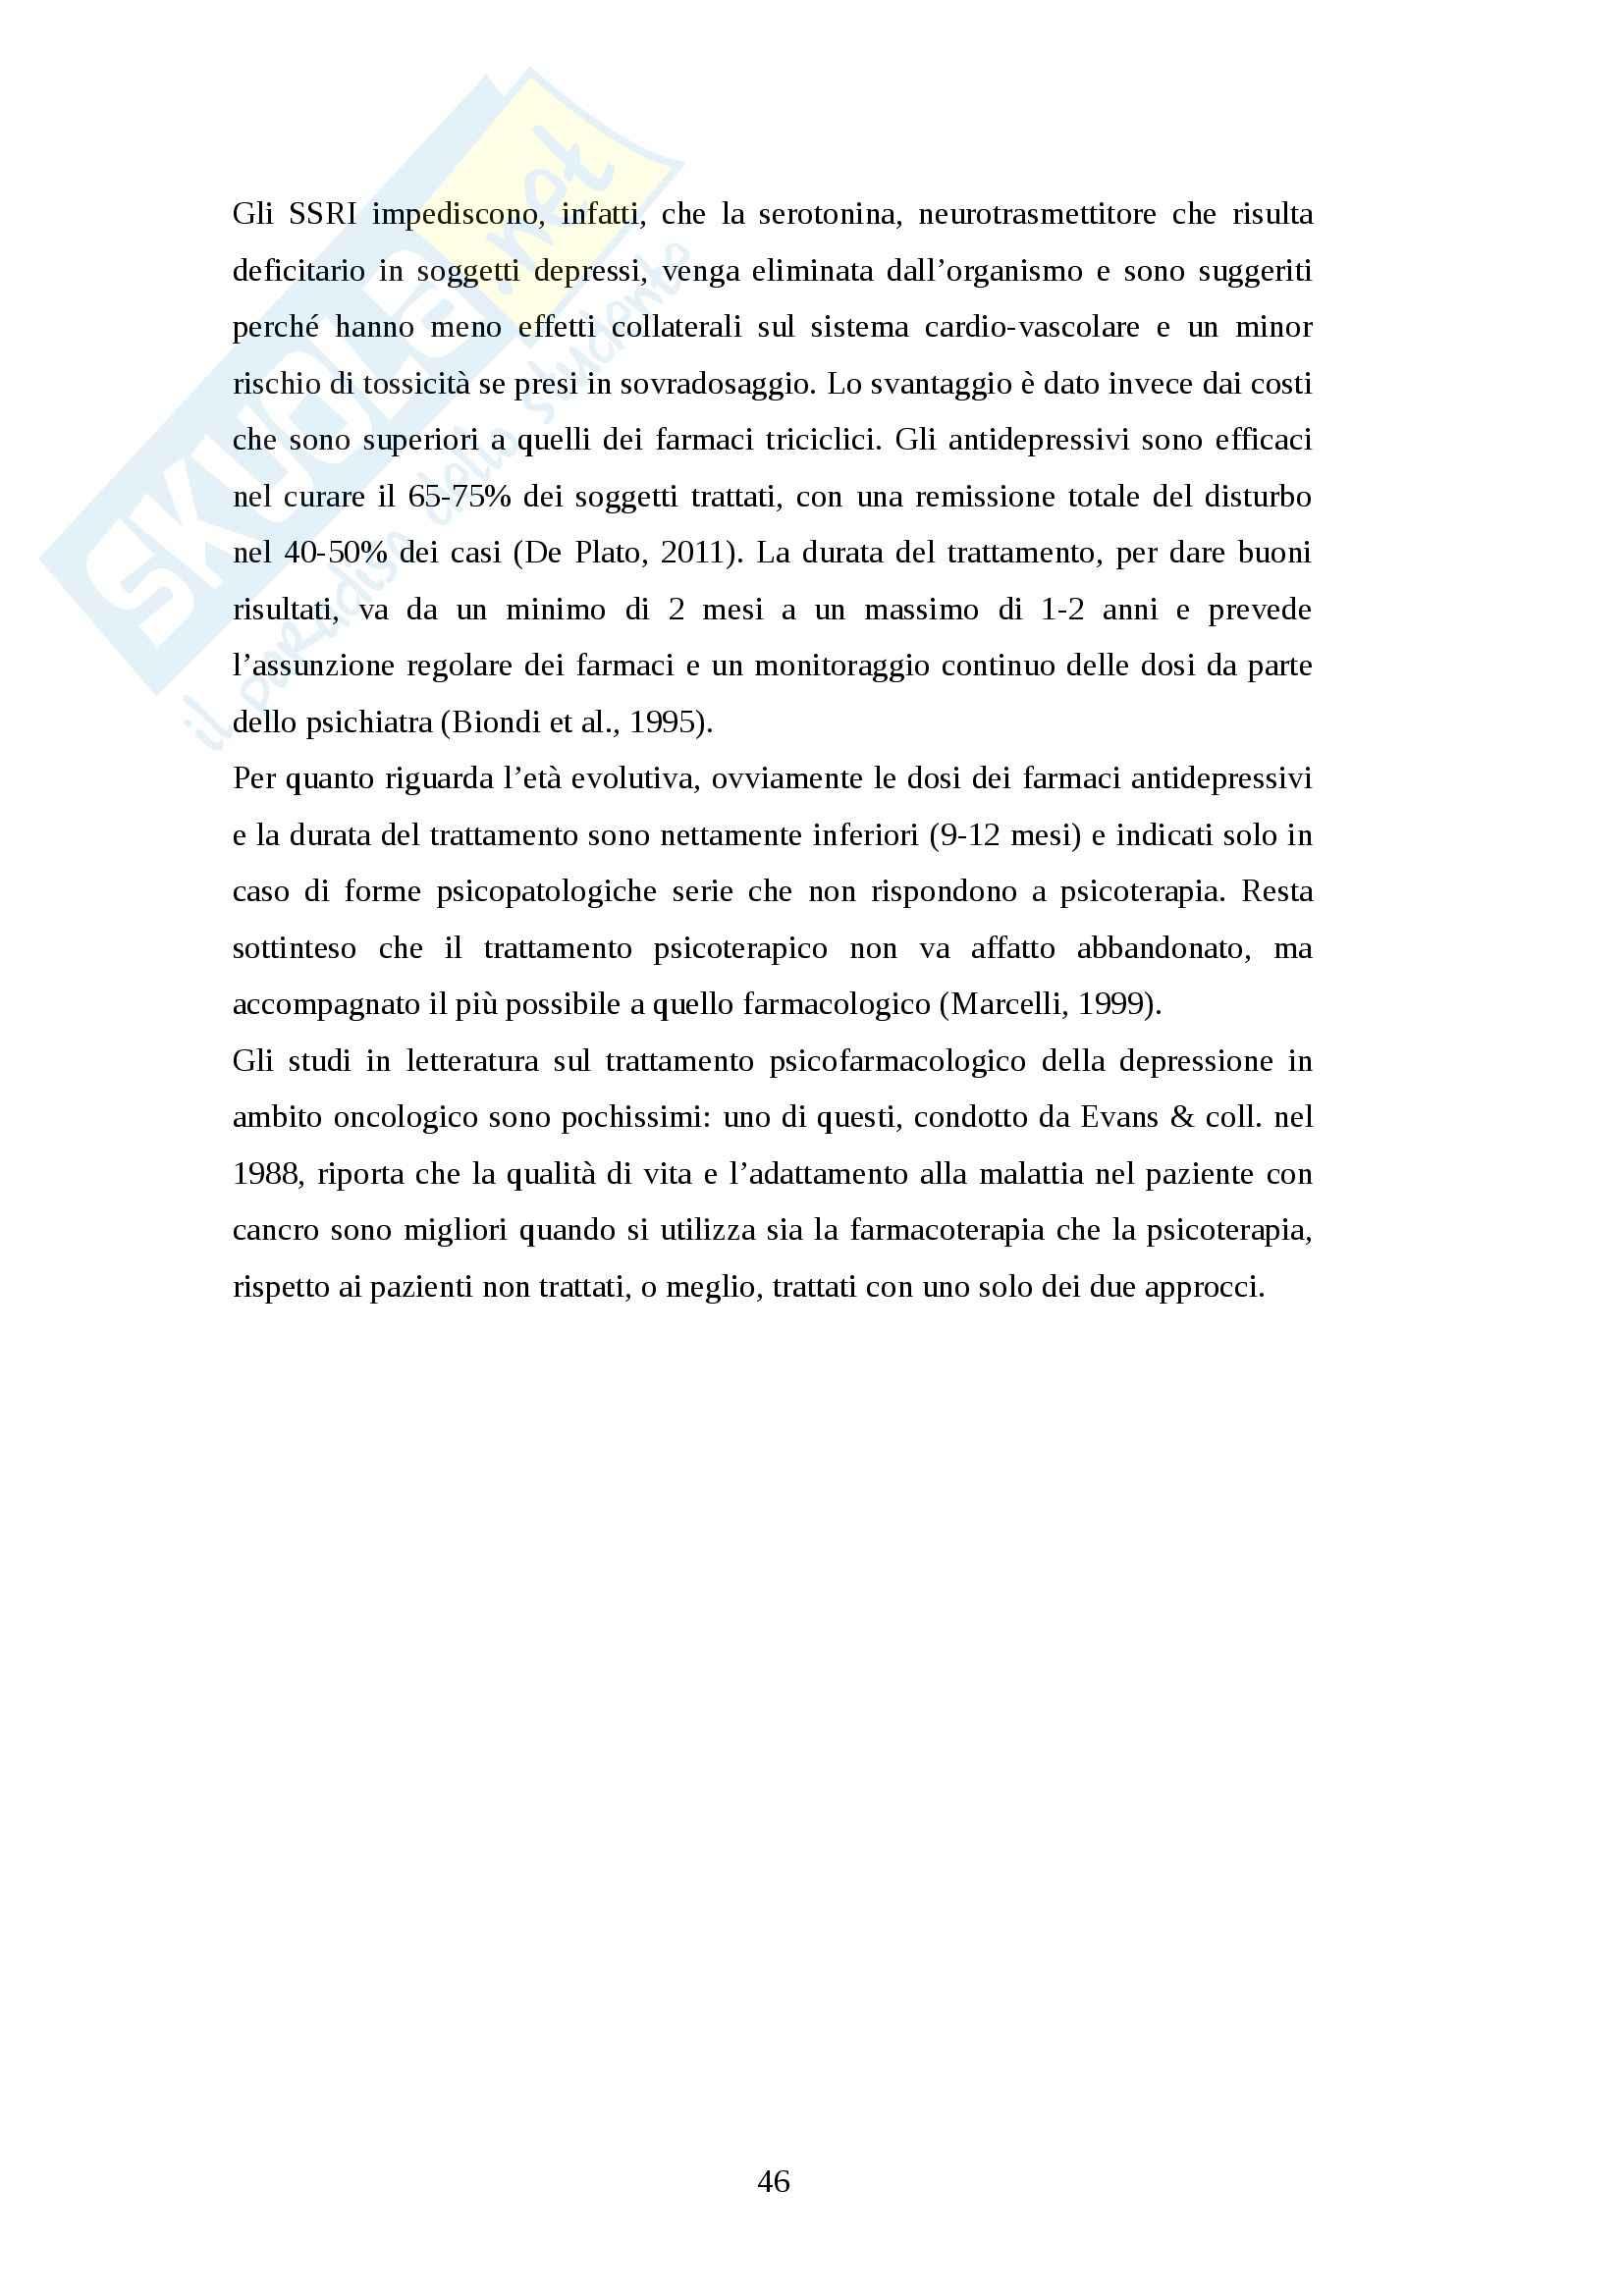 Tesi magistrale - Il vissuto depressivo nella famiglia del paziente oncologico pediatrico affetto da patologia cronica Pag. 46